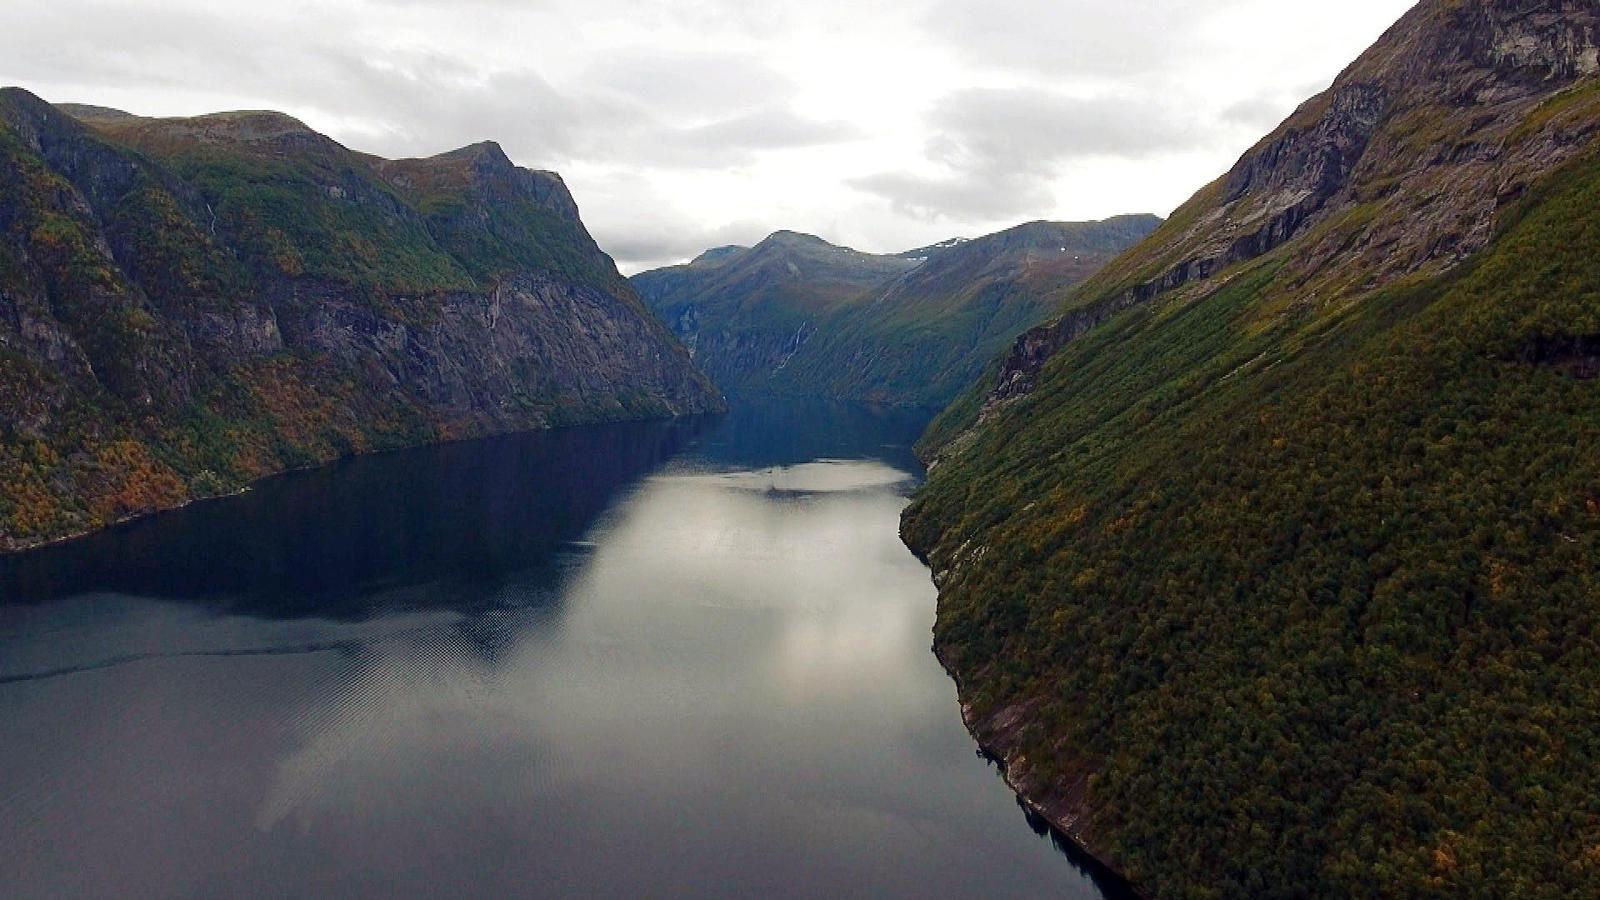 Faut pas rêver en Norvège, sur la route des fjords ce lundi soir.